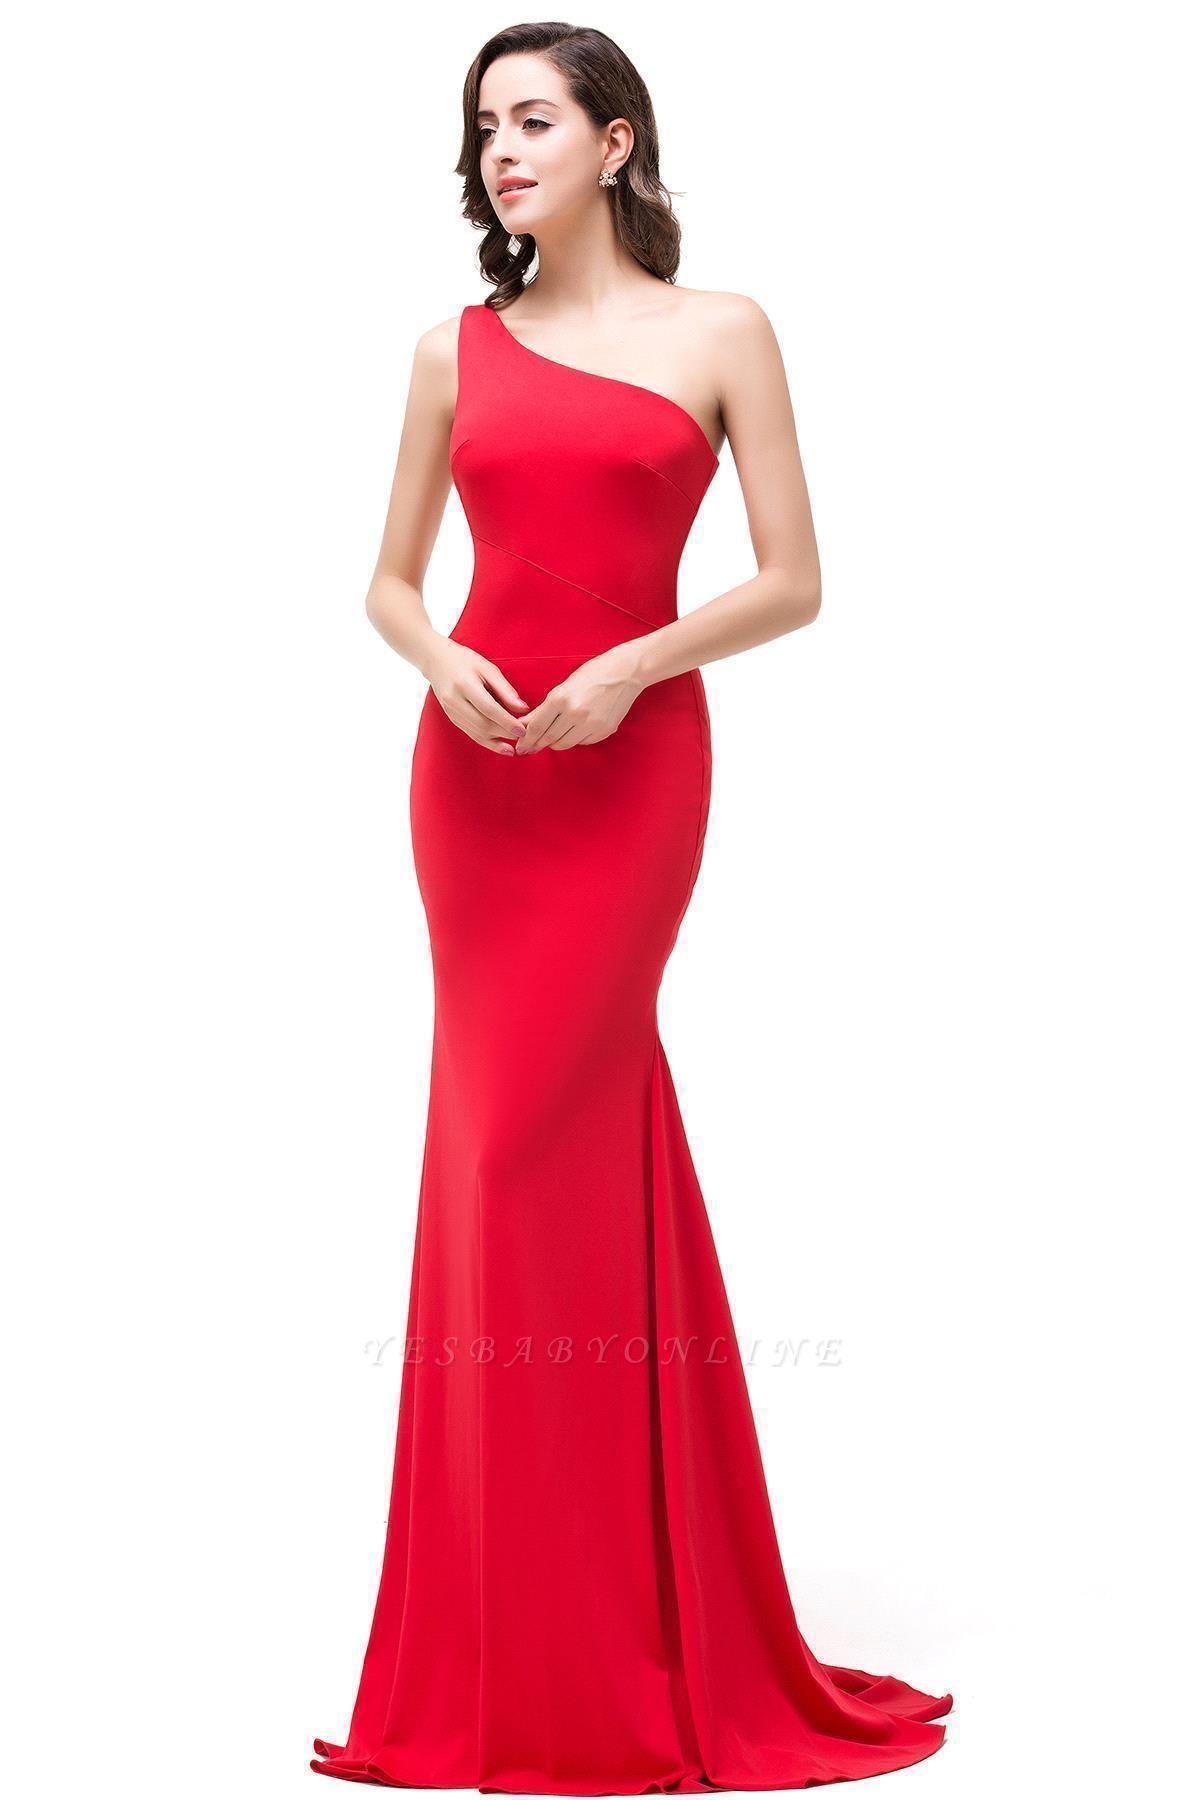 Red One-Shoulder Floor Length Mermaid Prom Dress